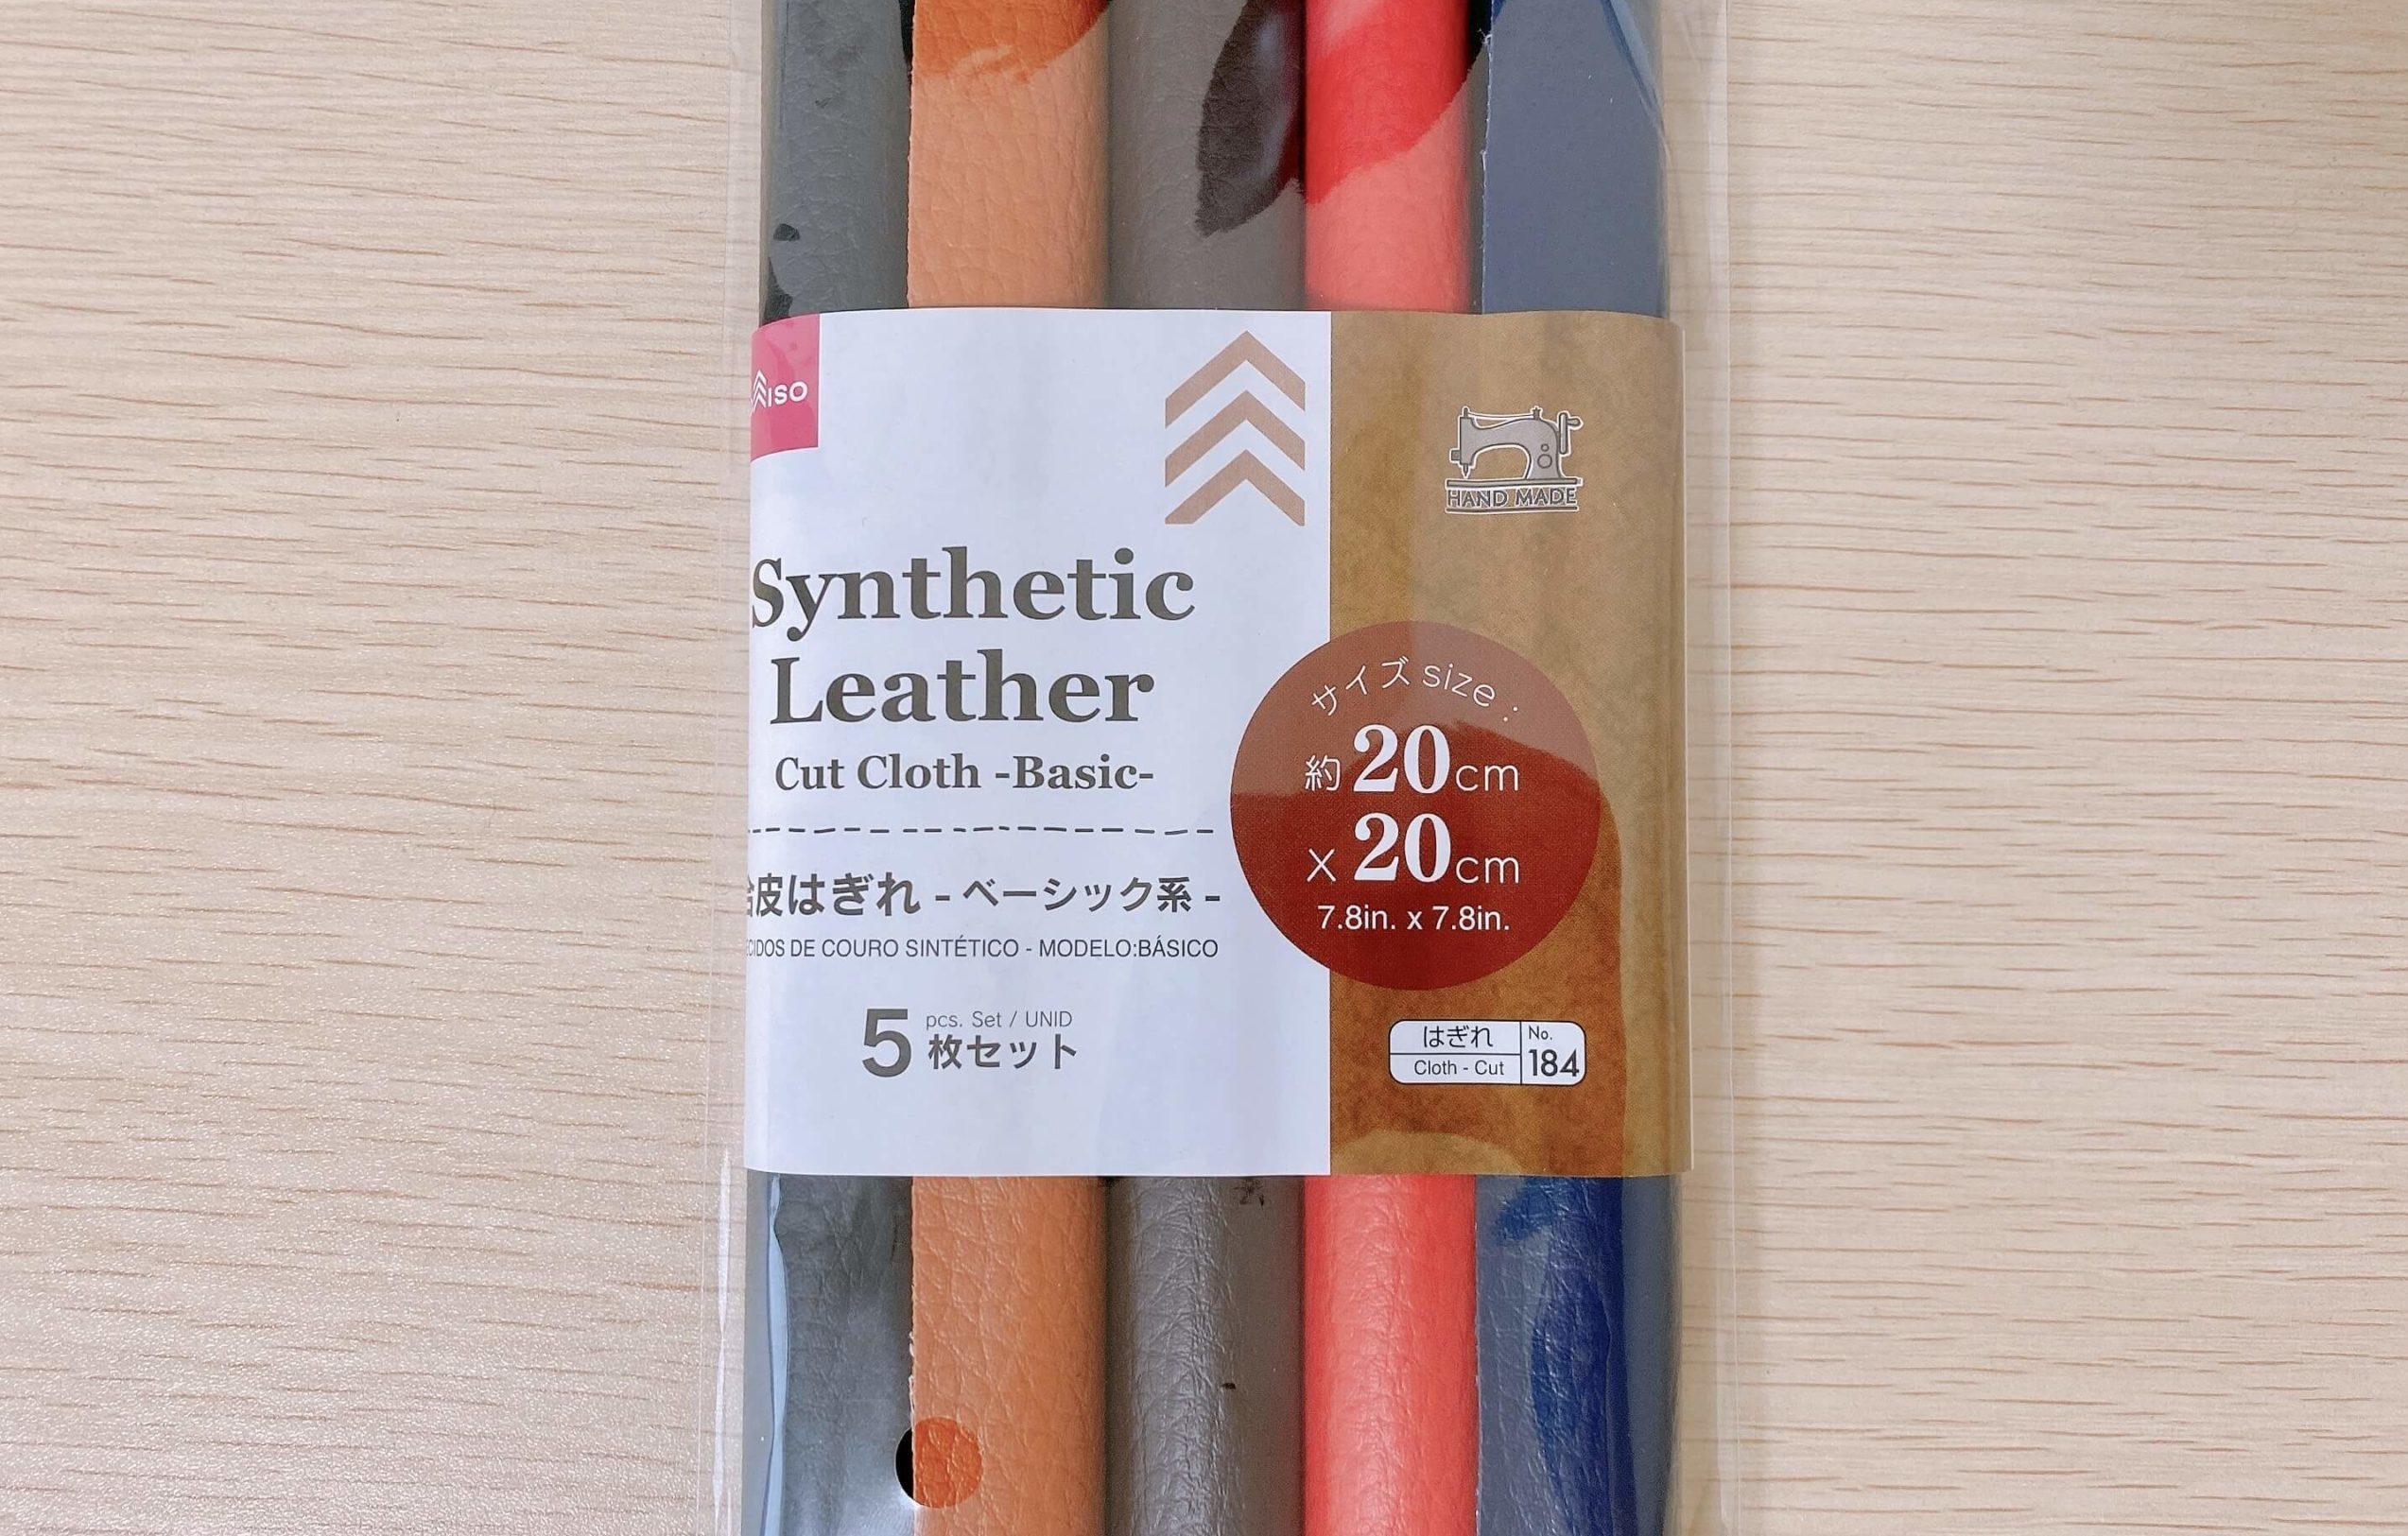 シンセティックレザーの商品